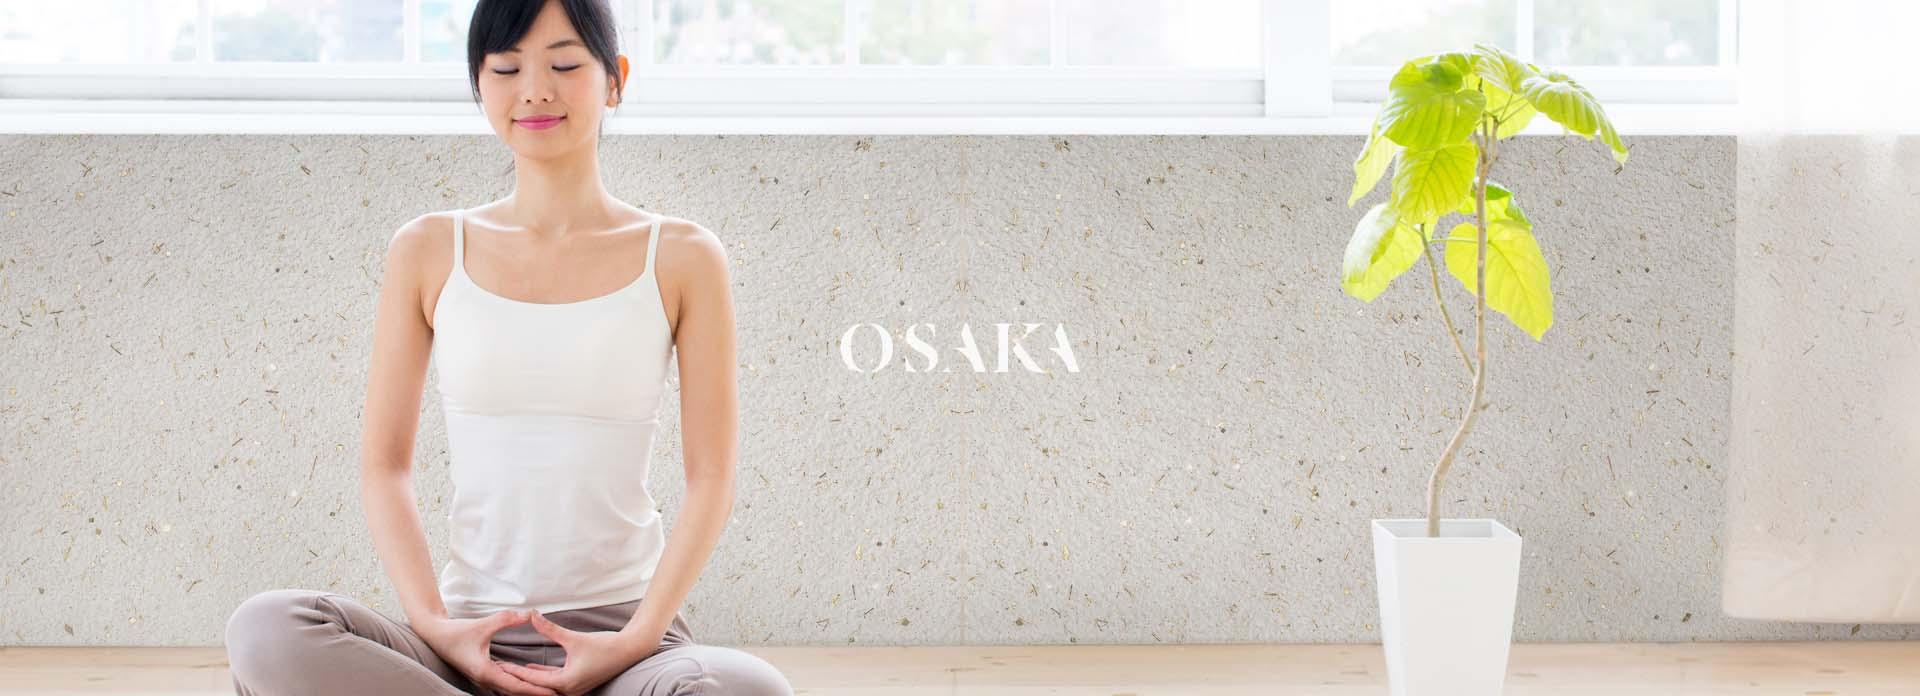 pintura-decorativa-Osaka Textil Japonés